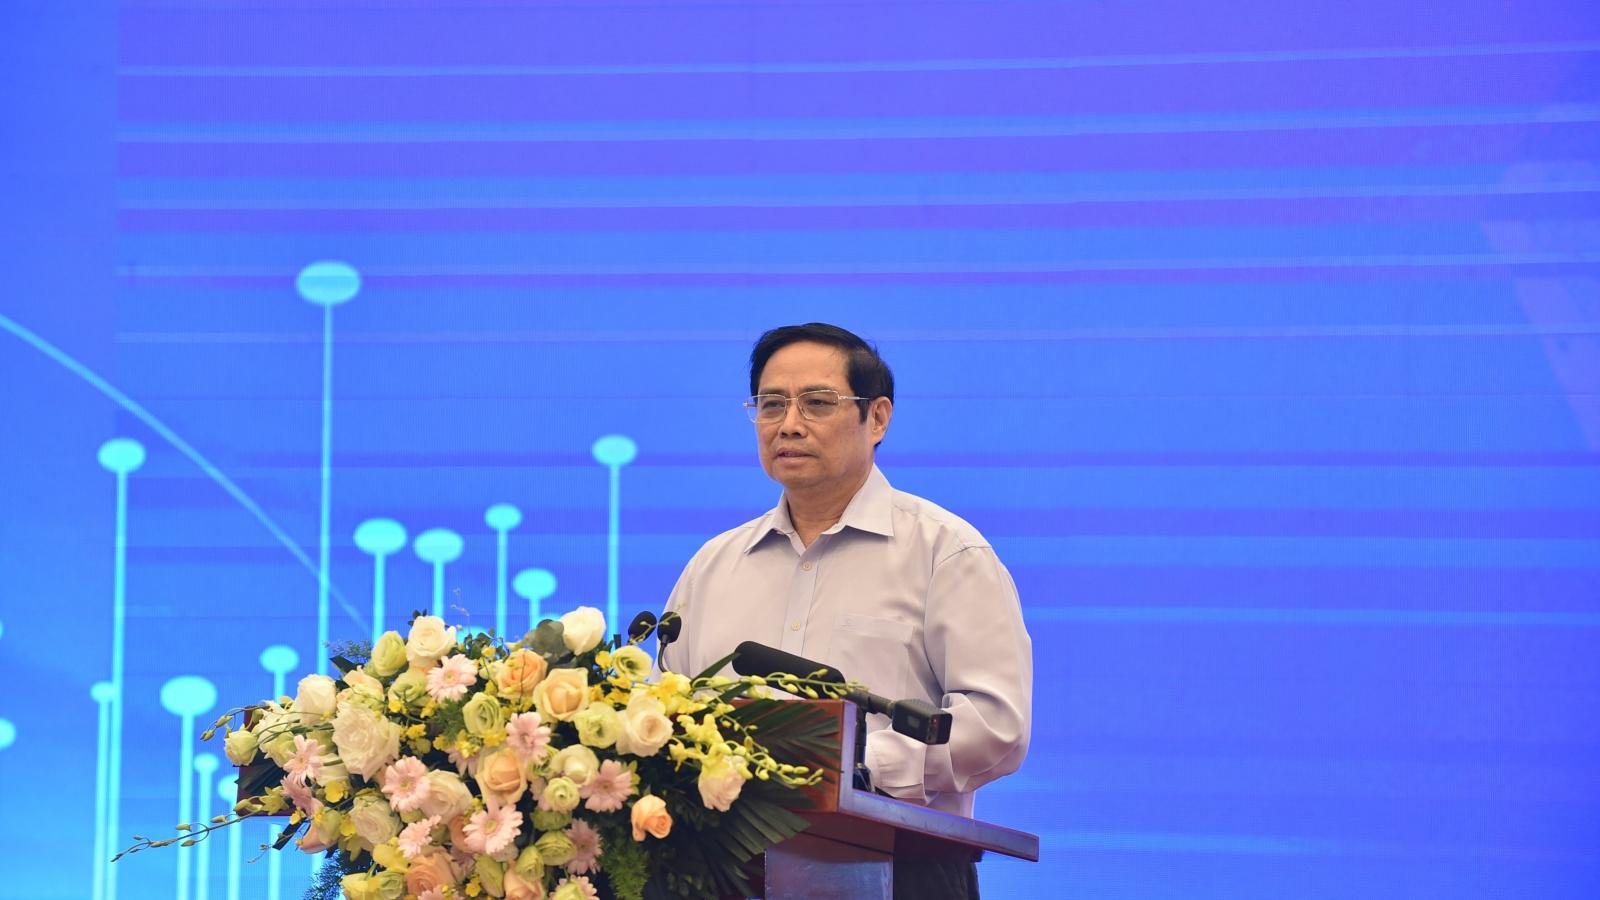 Thủ tướng chủ trì Hội thảo phục hồi kinh tế, thích ứng linh hoạt, an toàn với đại dịch